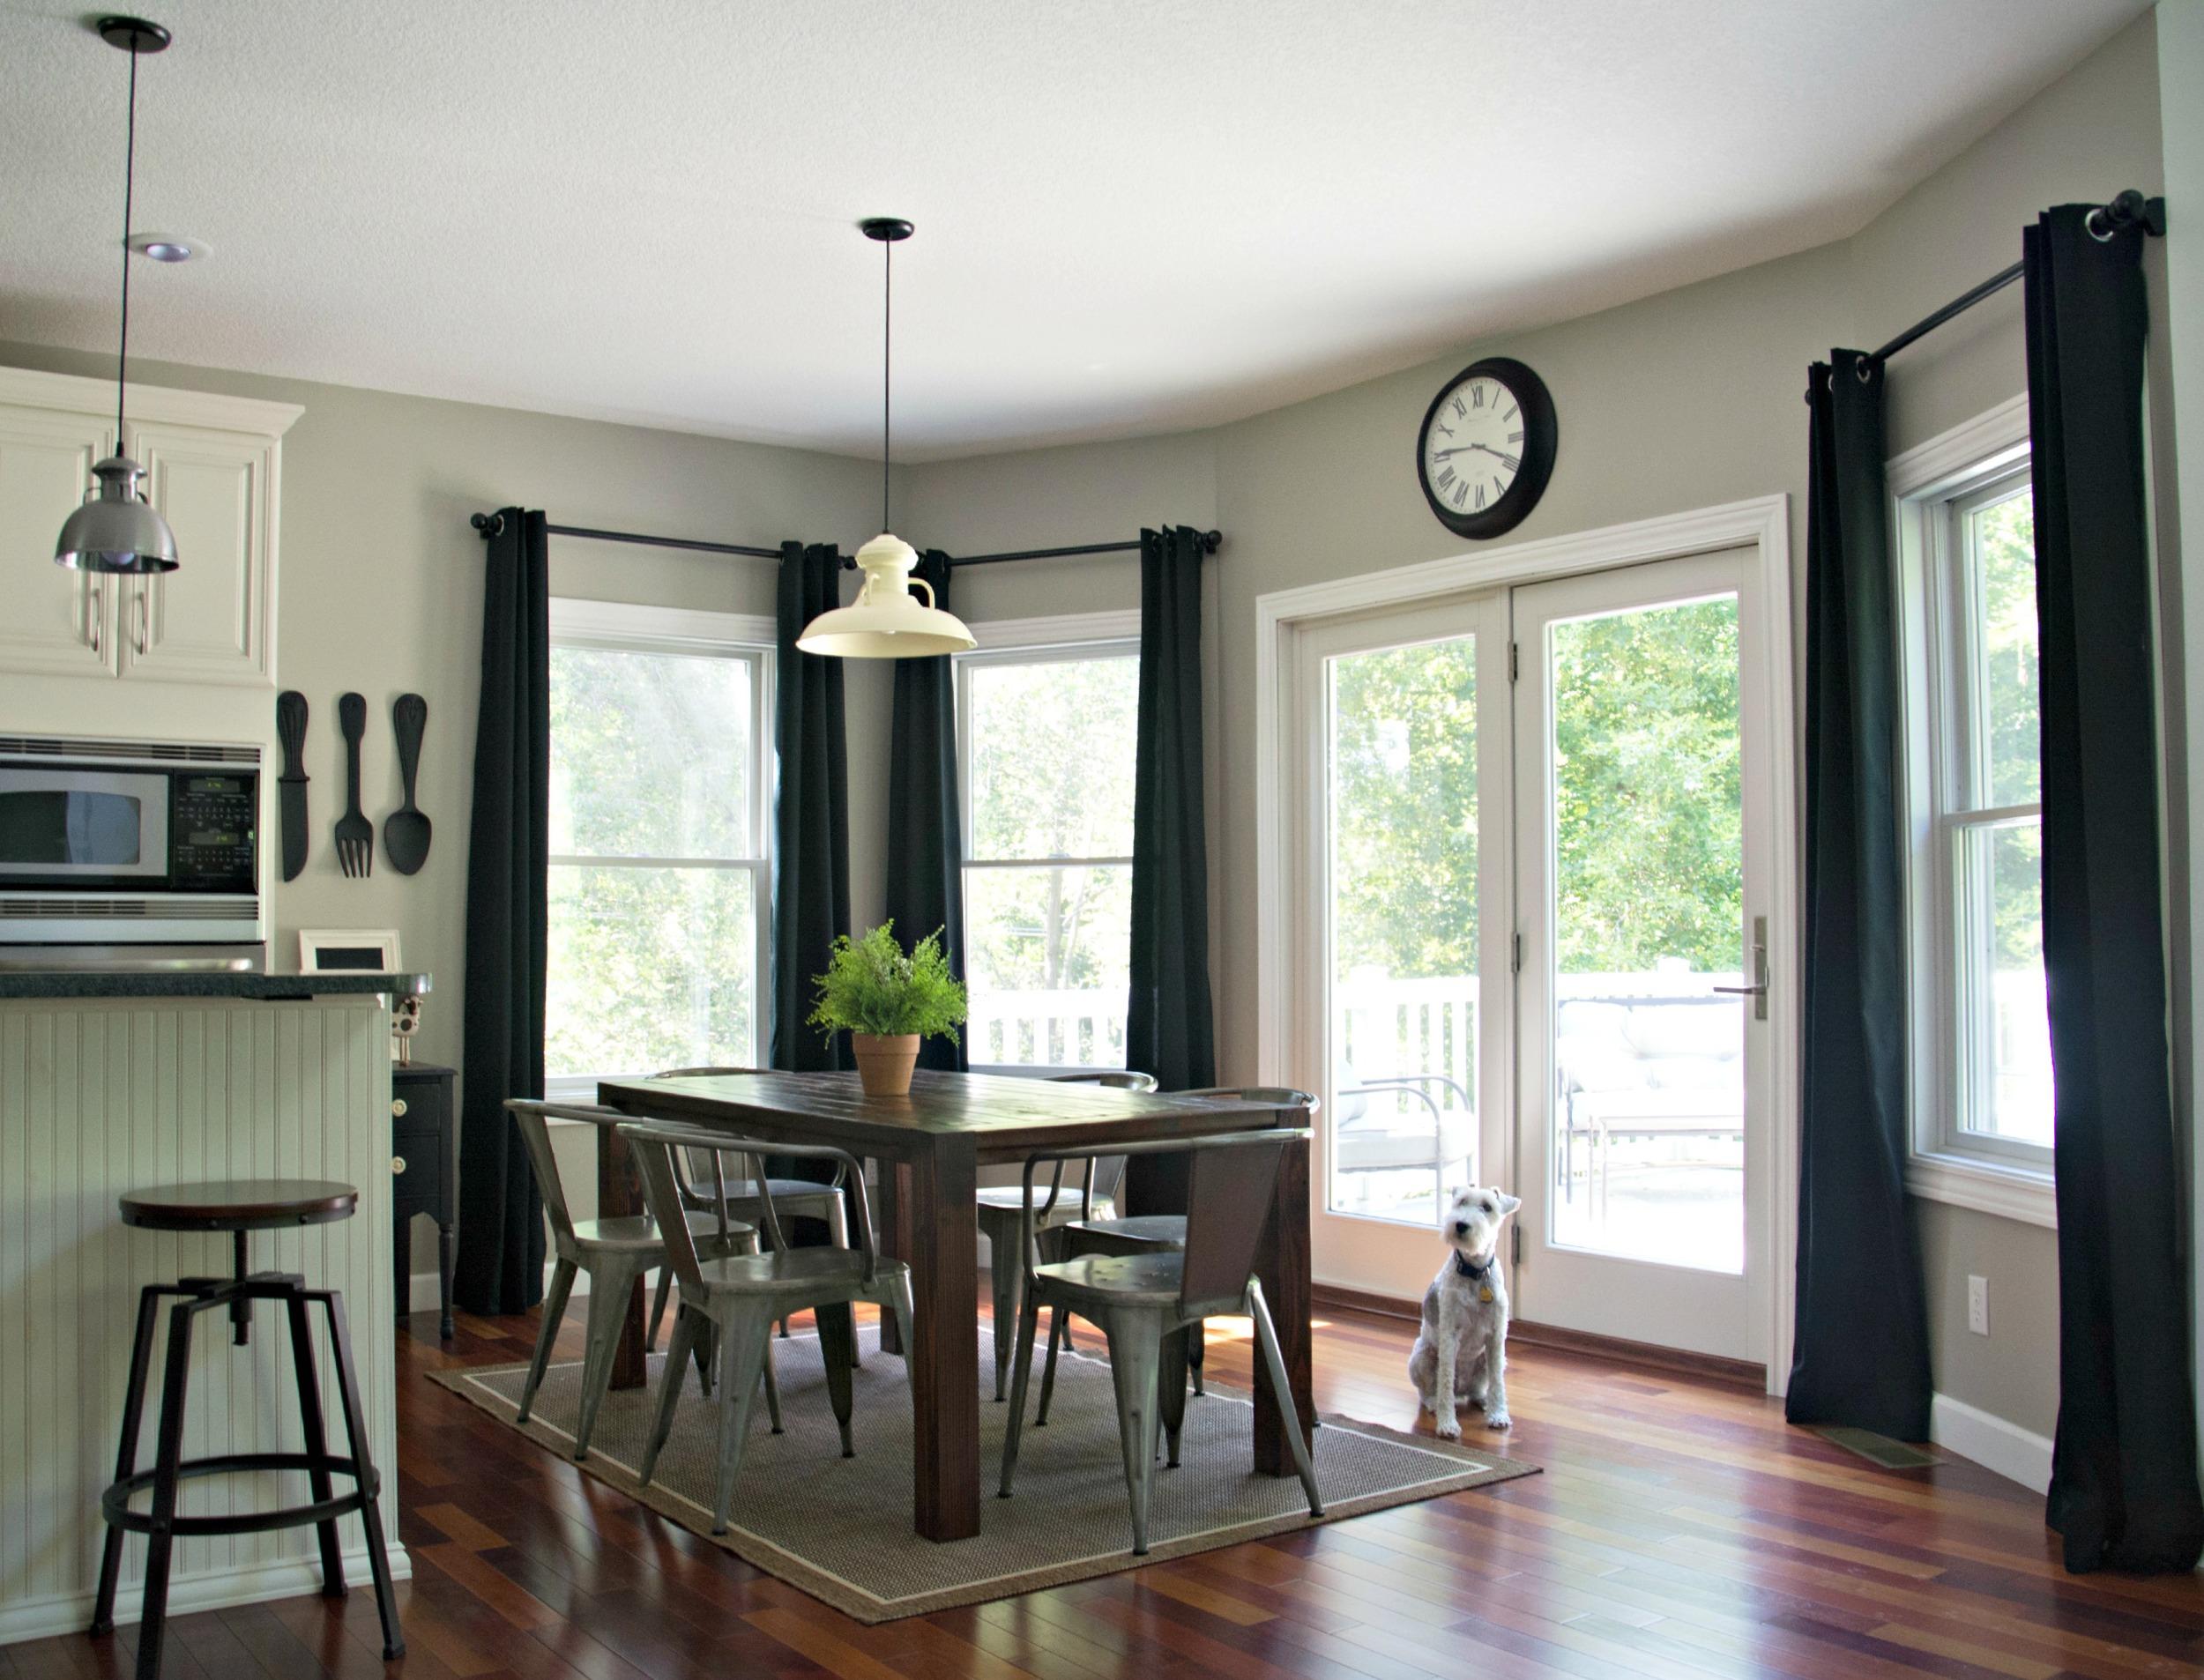 Black Curtains in Kitchen